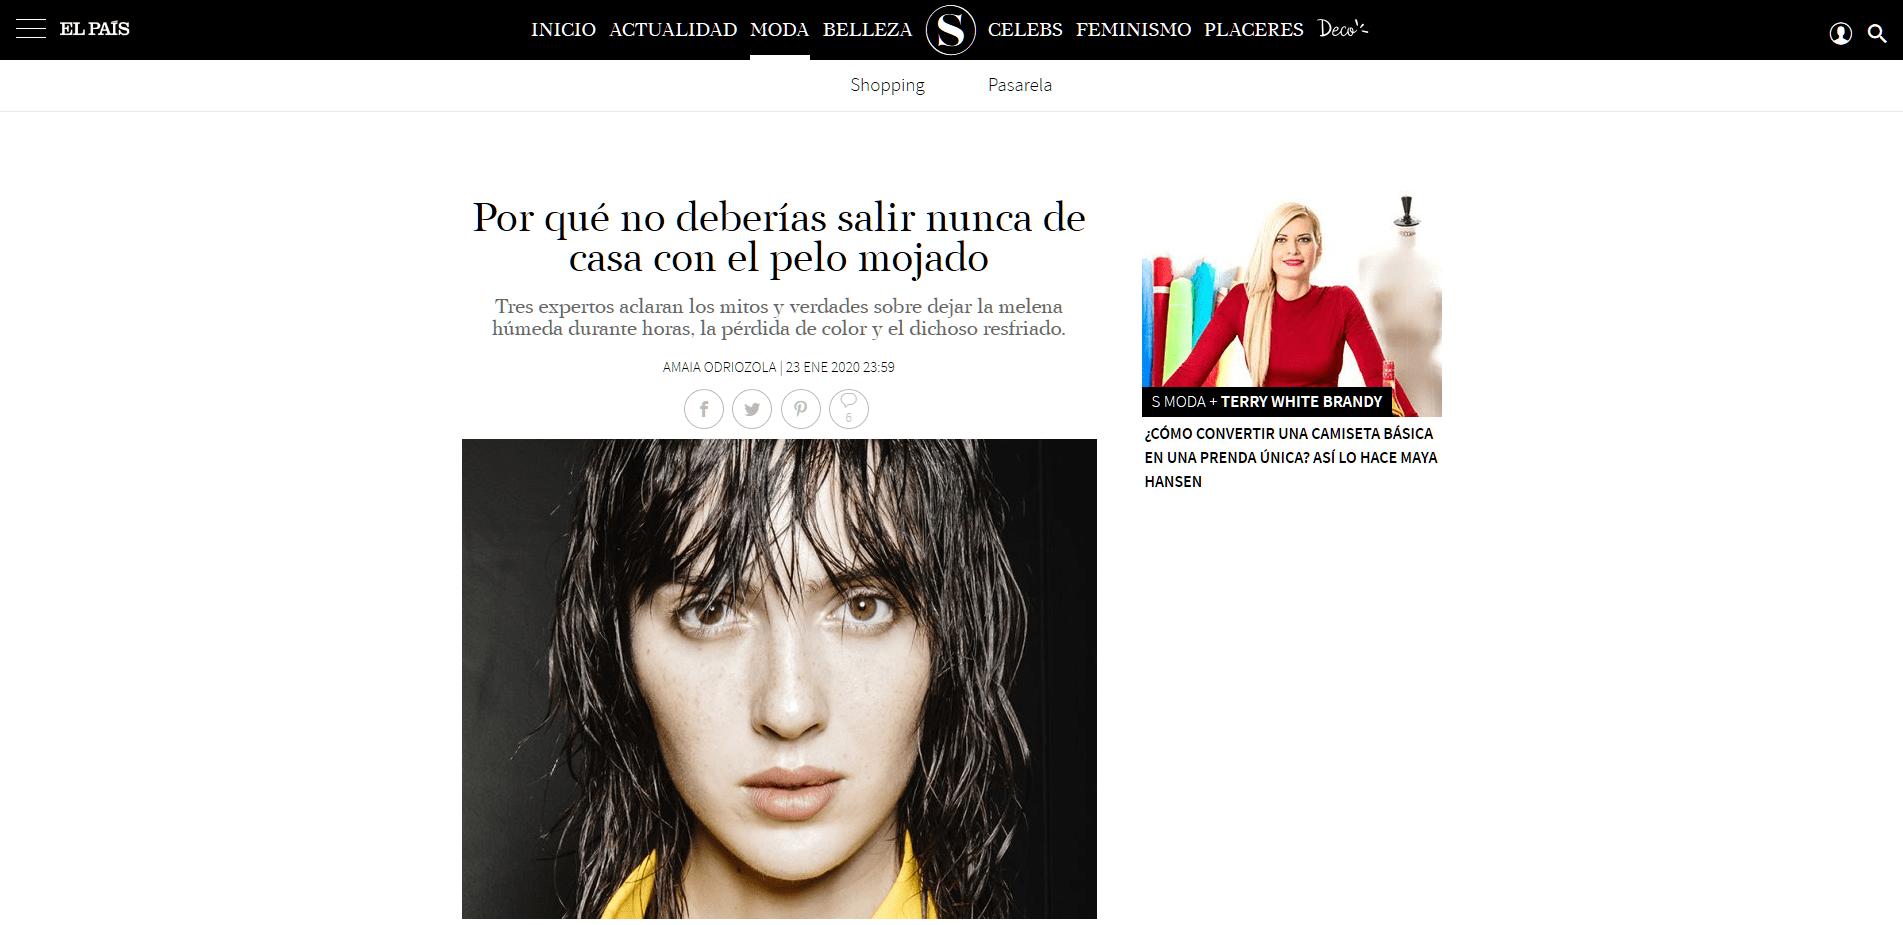 Peluqueria Vigo Sirope Por qué no deberías salir nunca de casa con el pelo mojado S Moda